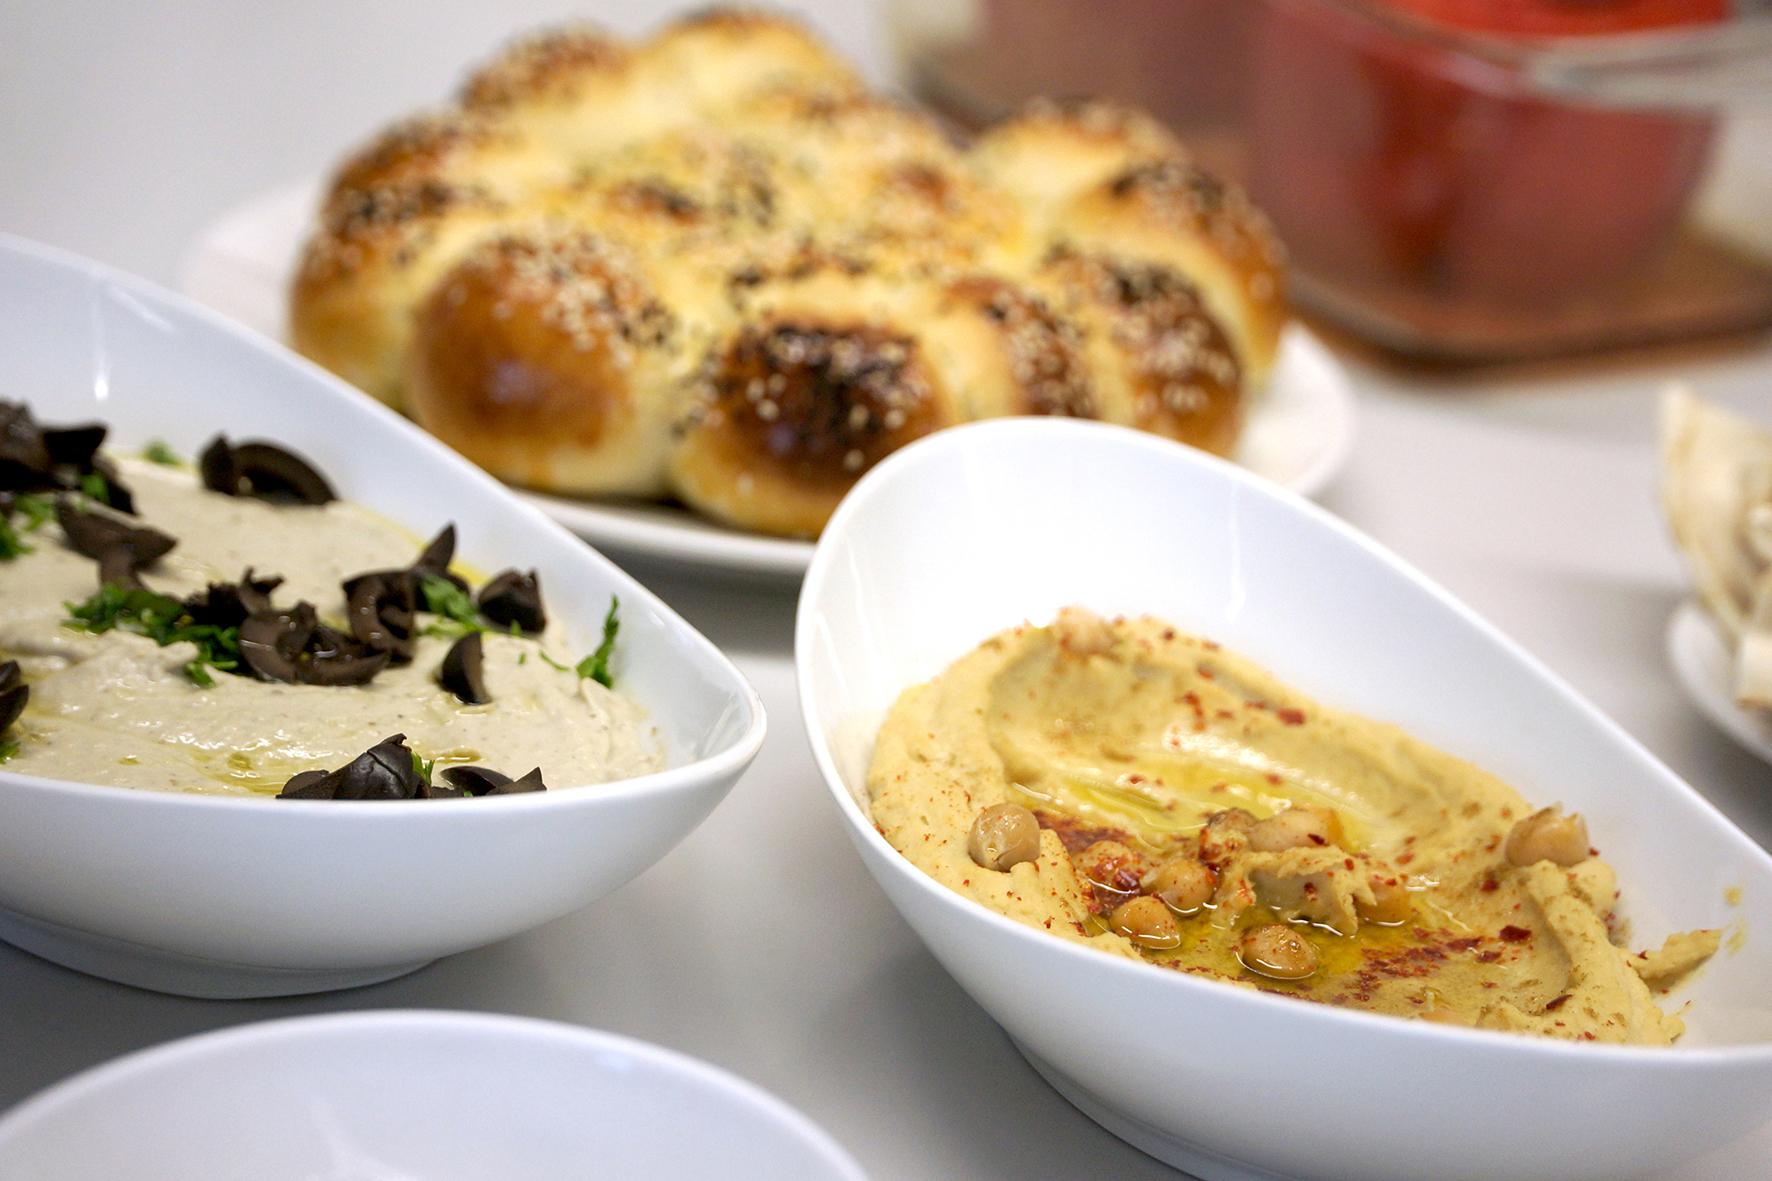 Gerichte aus dem arabischen Raum